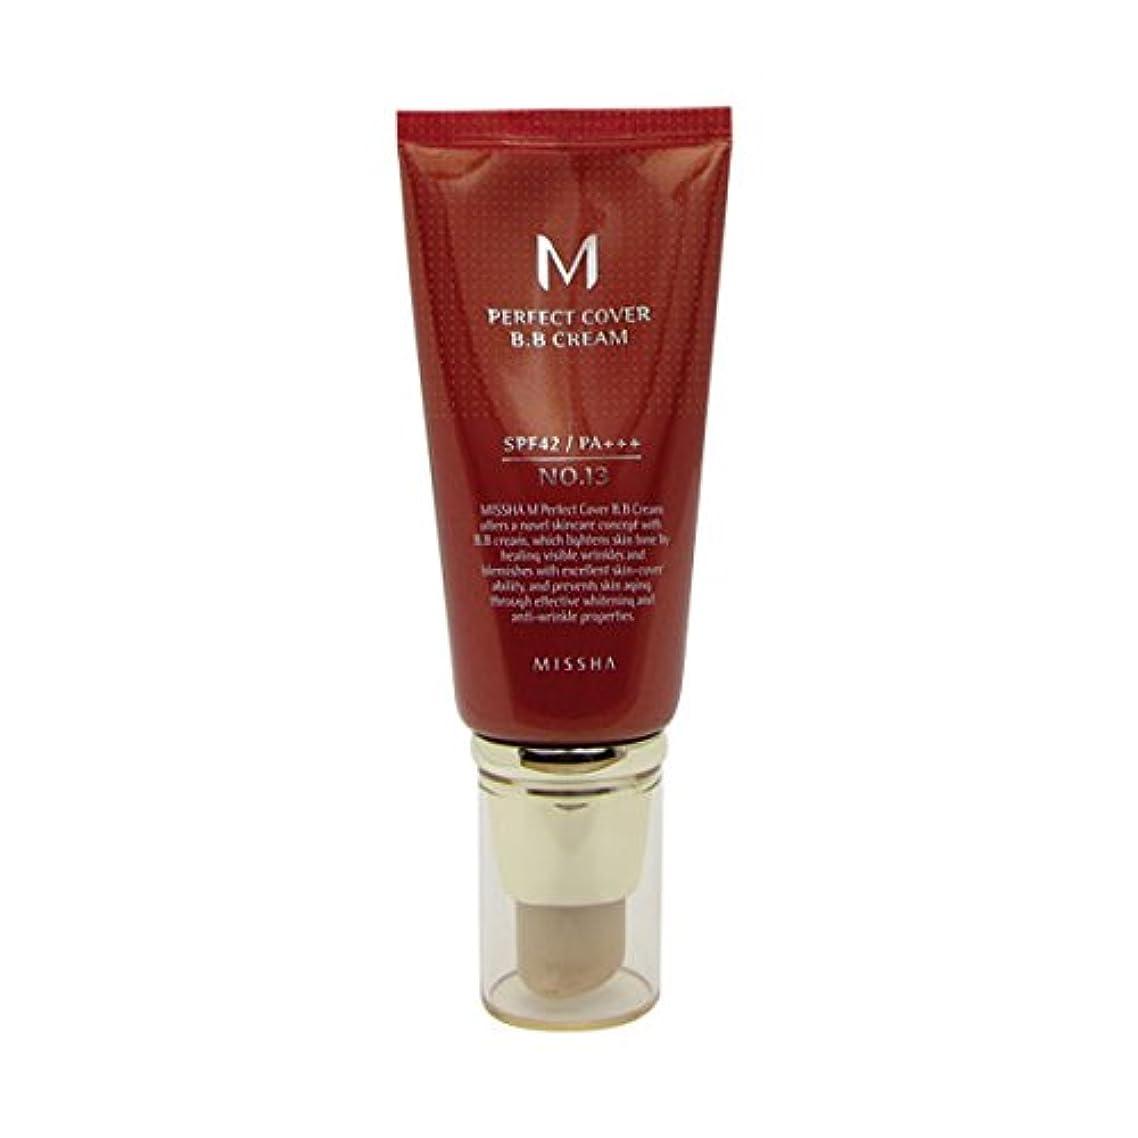 活気づけるグリーンランドトンネルMissha M Perfect Cover Bb Cream Spf42/pa+++ No.13 Bright Beige 50ml [並行輸入品]